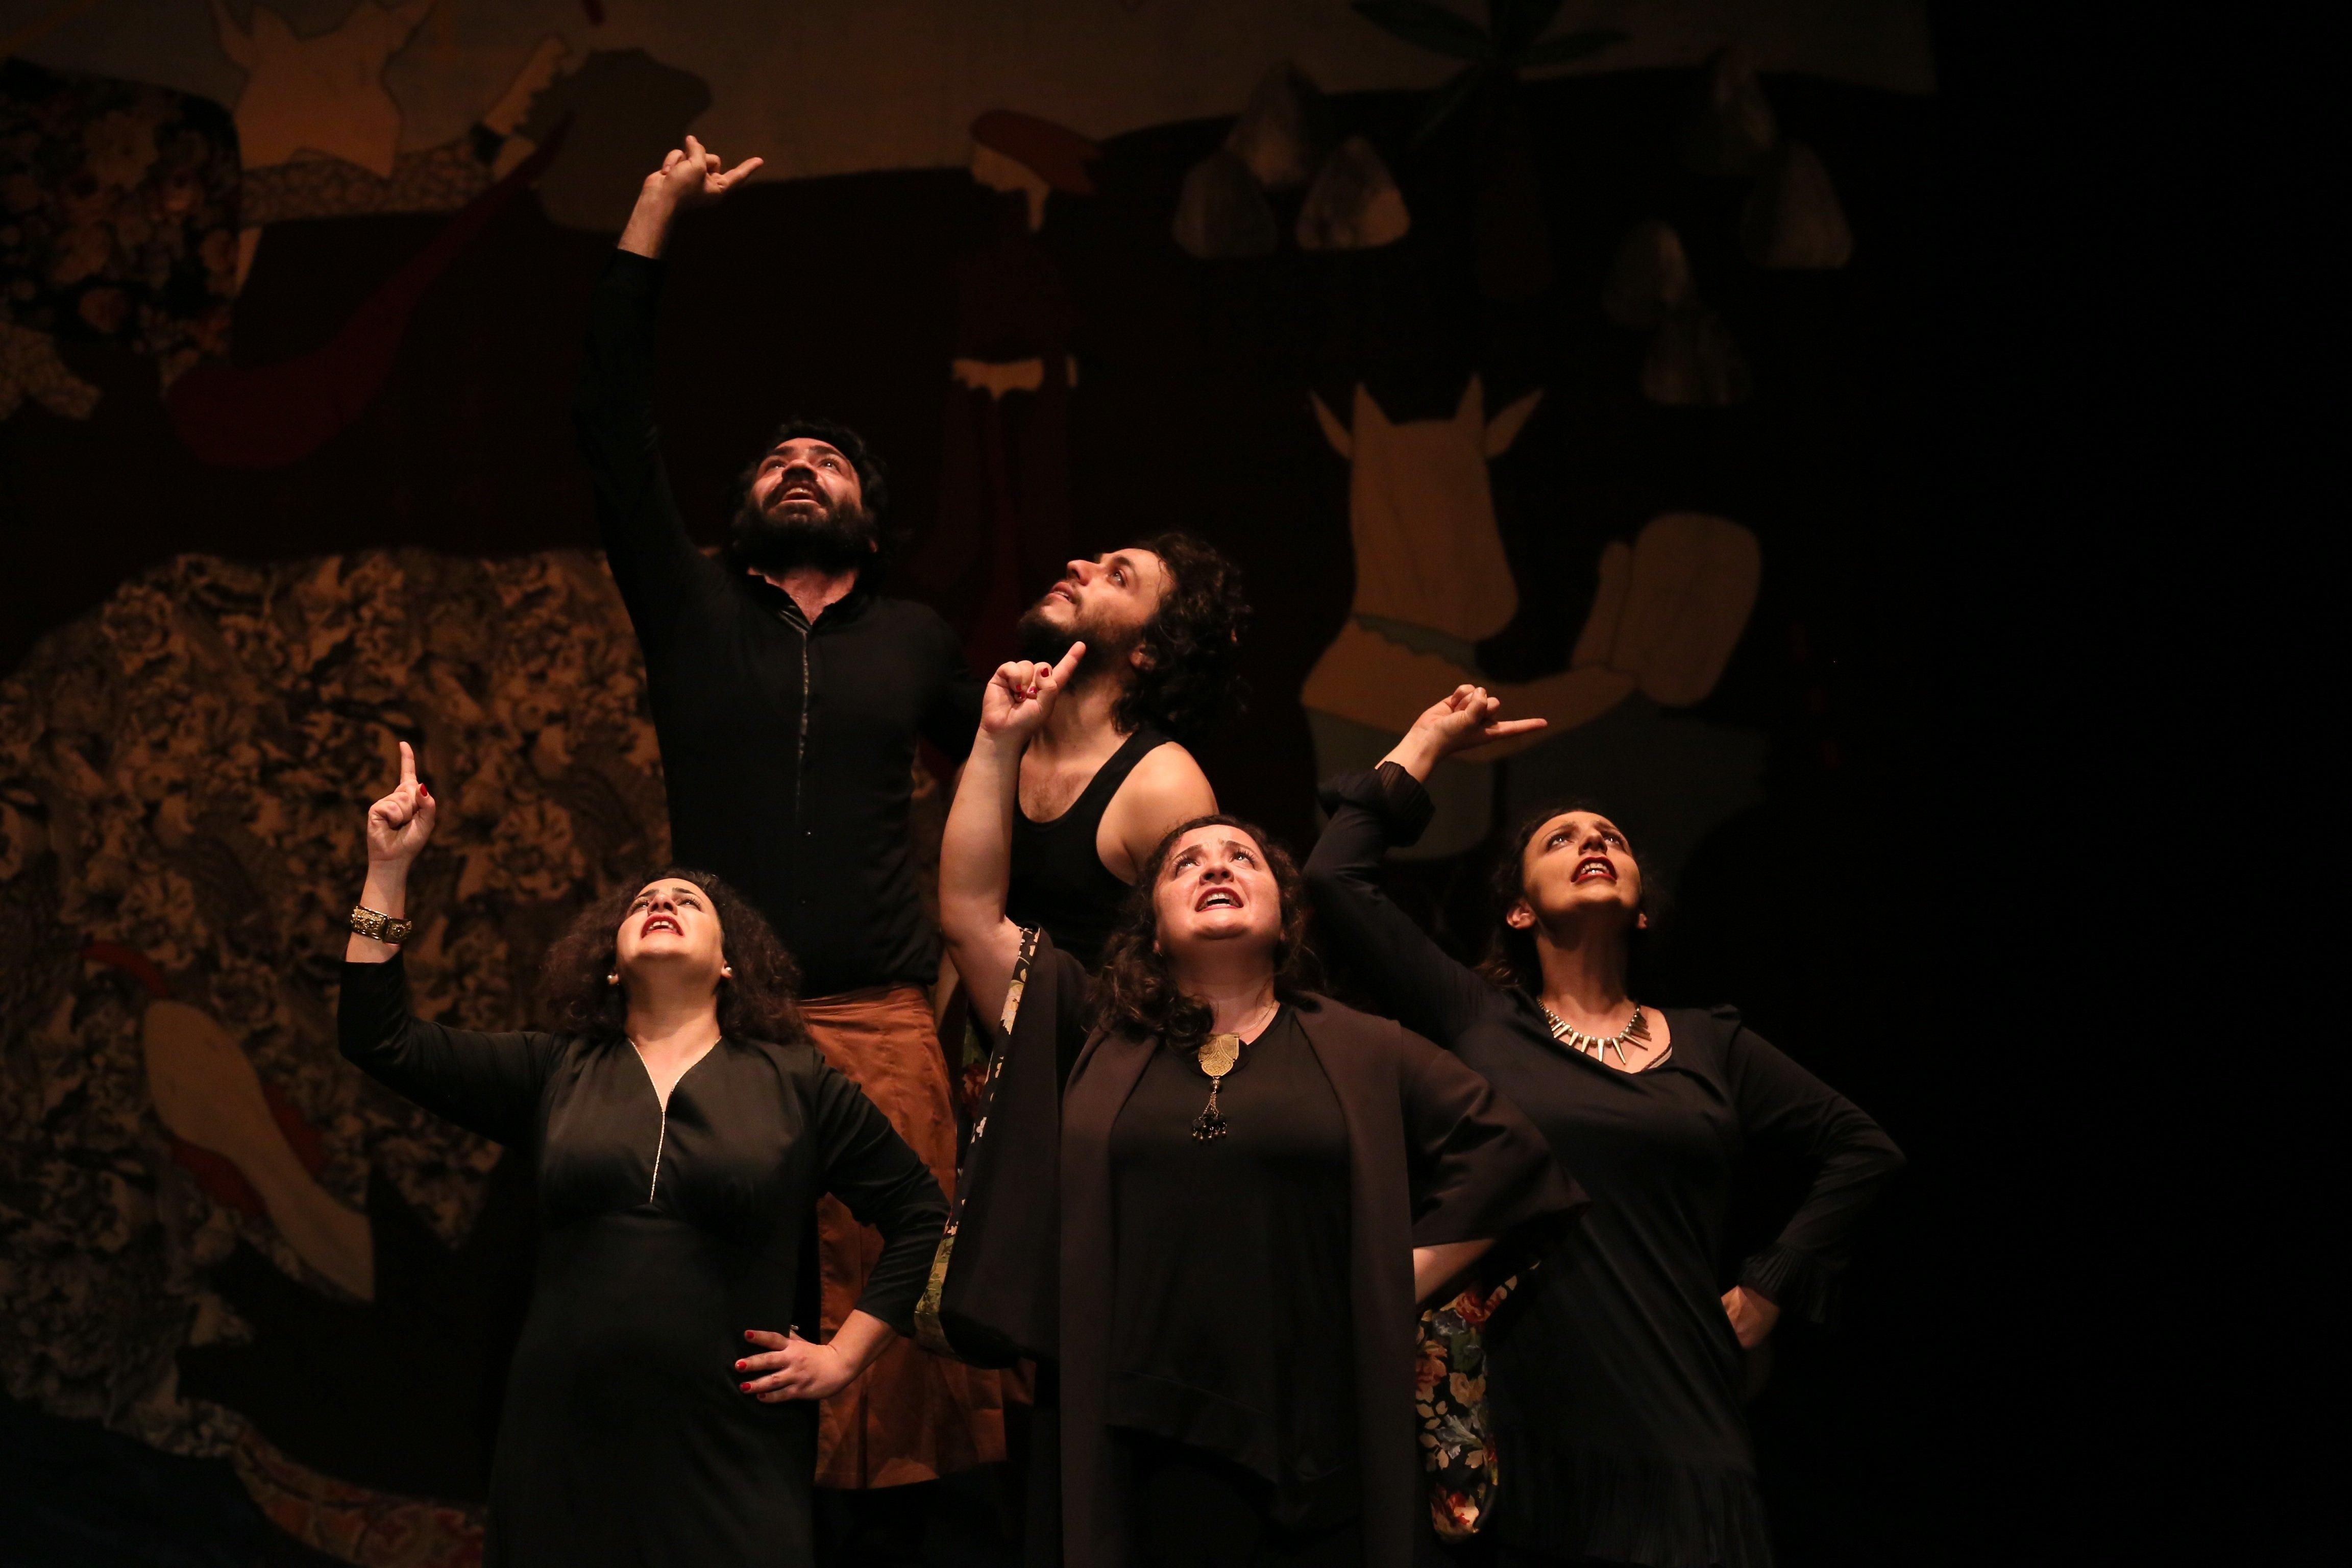 Wie ein libanesisches Theater Gewaltopfern mit einem einzigartigen Ansatz neues Selbstvertrauen